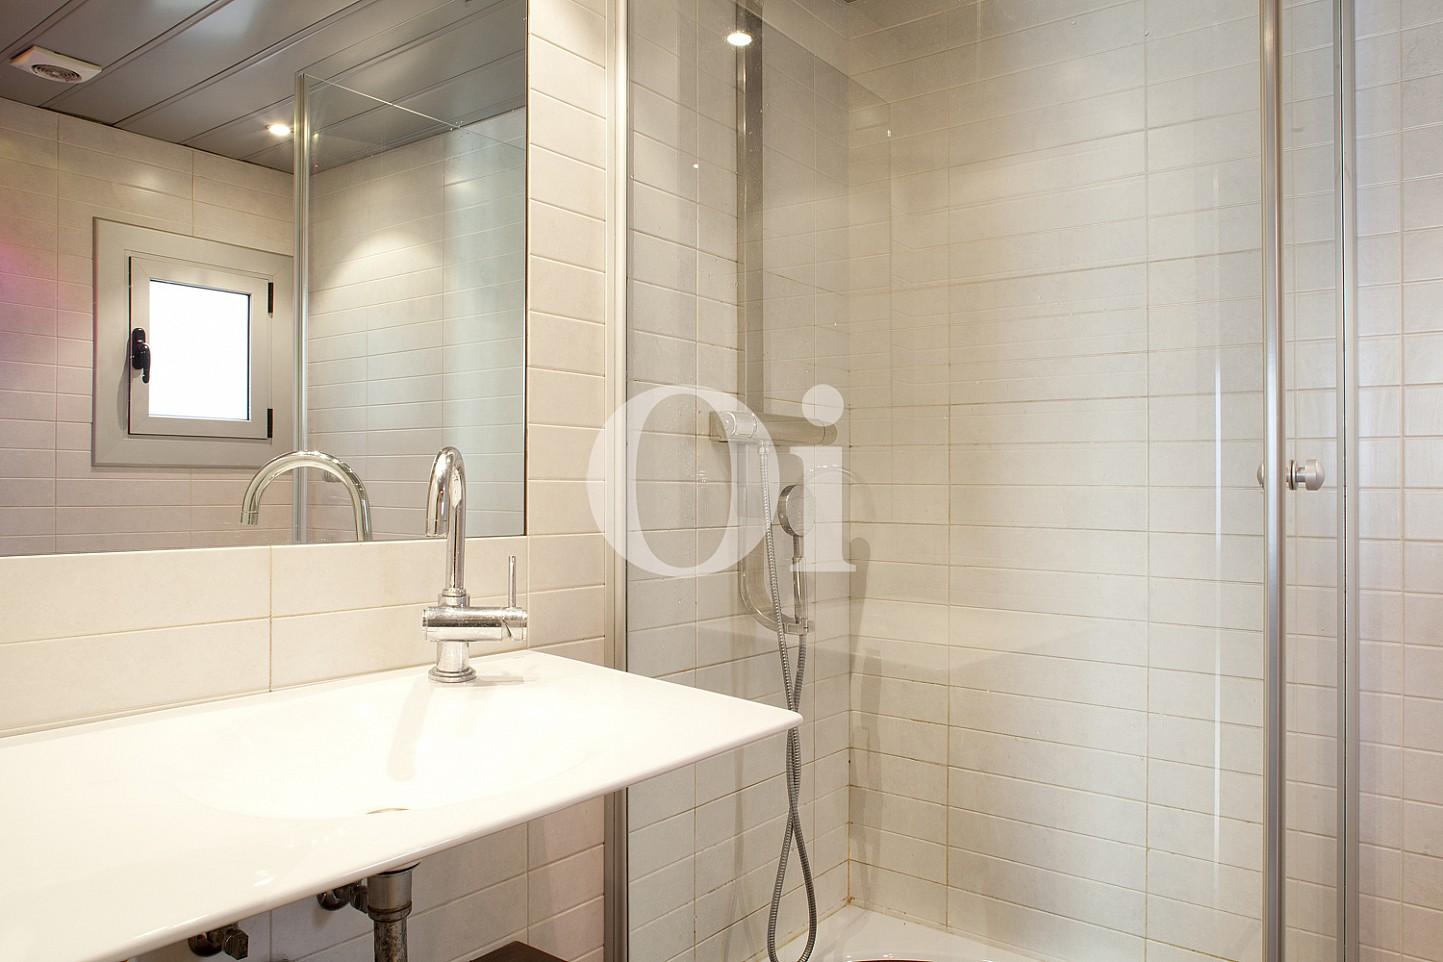 baño , baño con ducha, ducha, baño completo, grifo